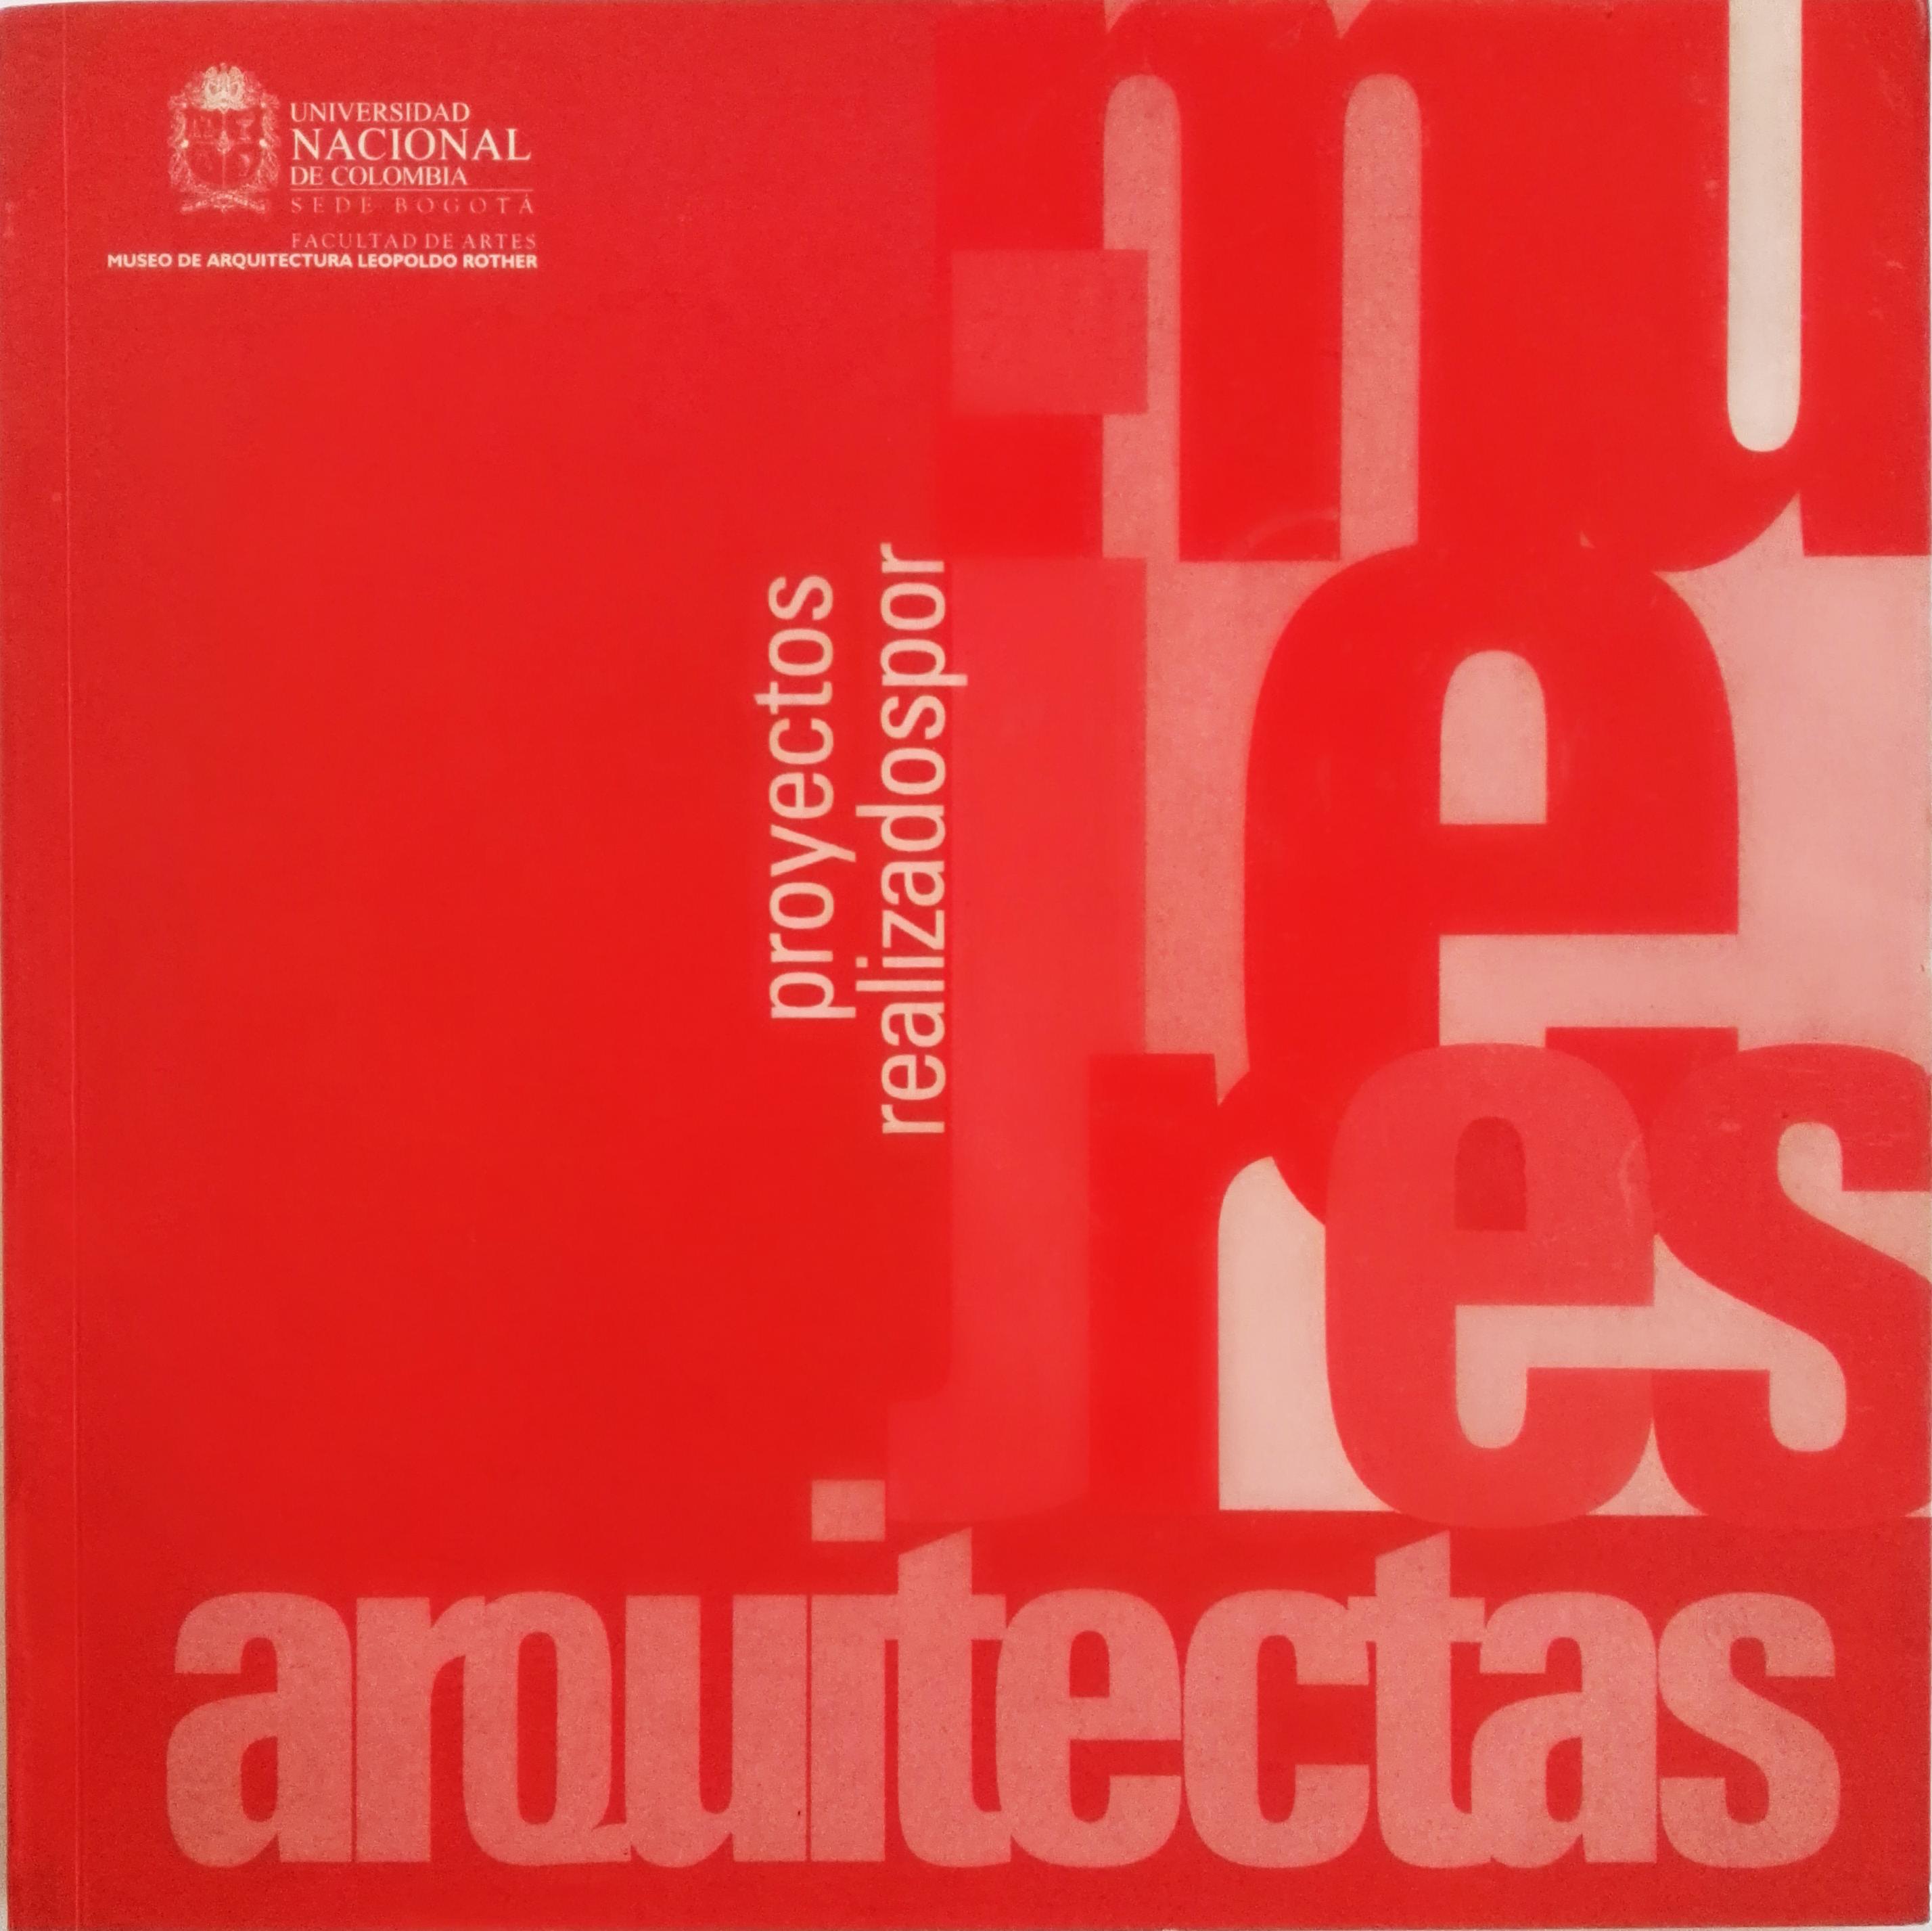 MARQUITECTAS-01